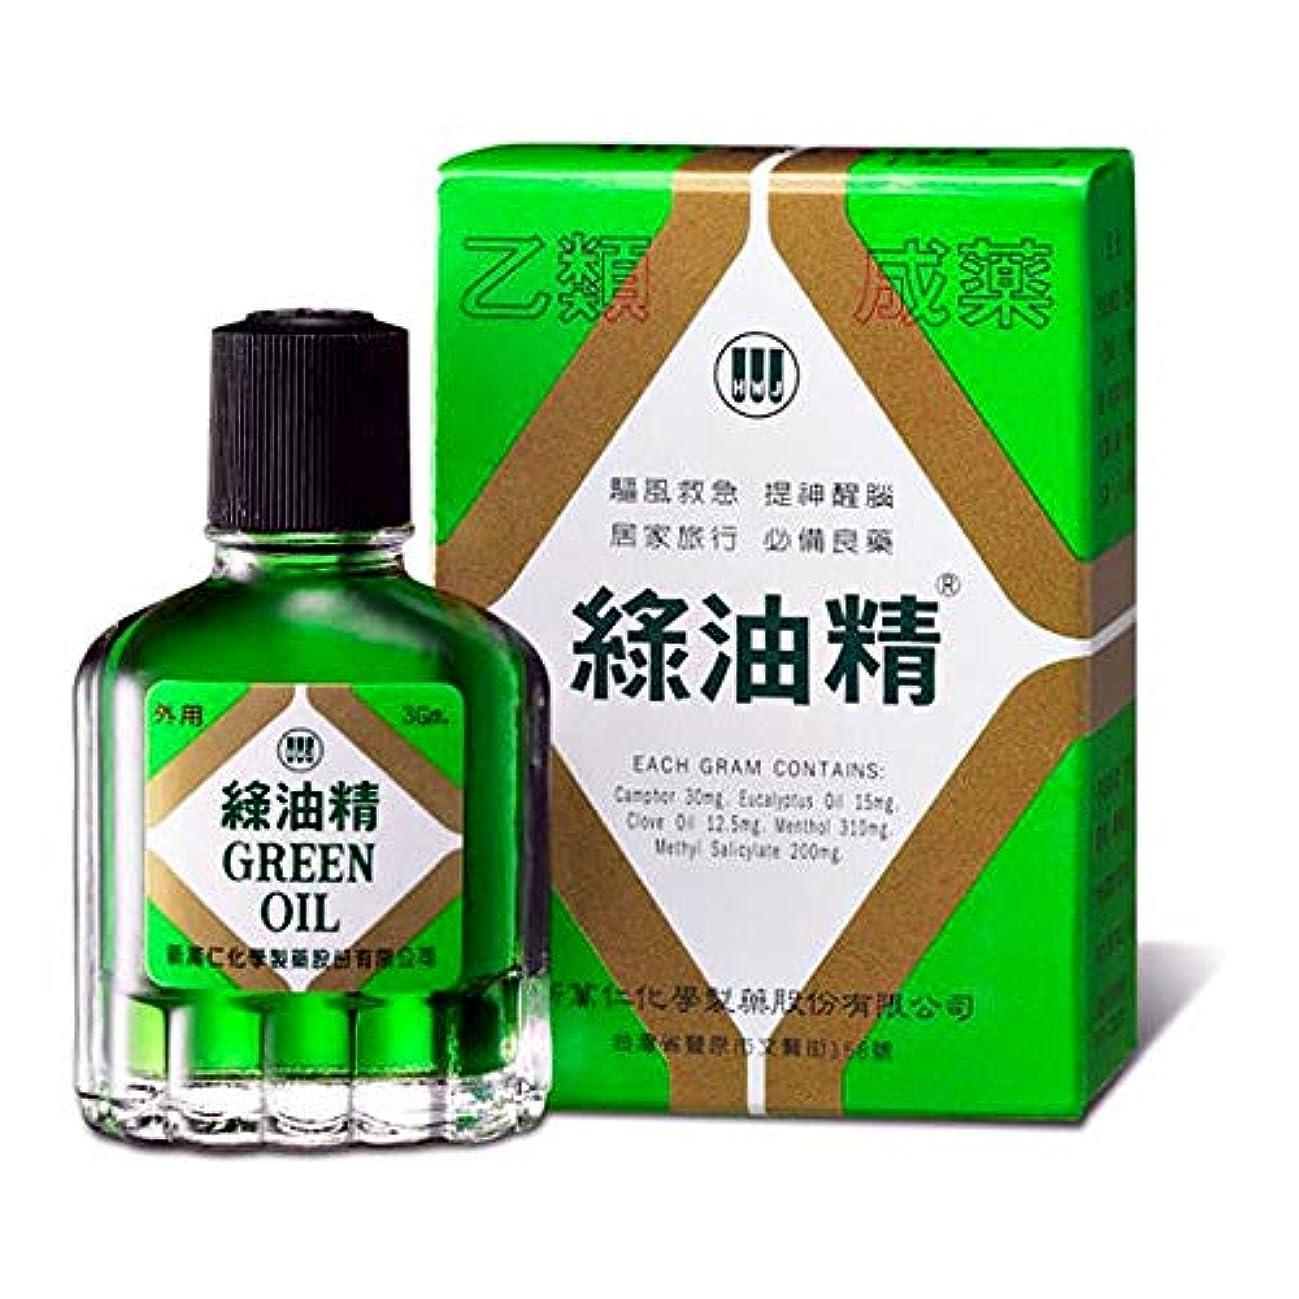 優雅免疫するふりをする《新萬仁》台湾の万能グリーンオイル 緑油精 3g 《台湾 お土産》 [並行輸入品]